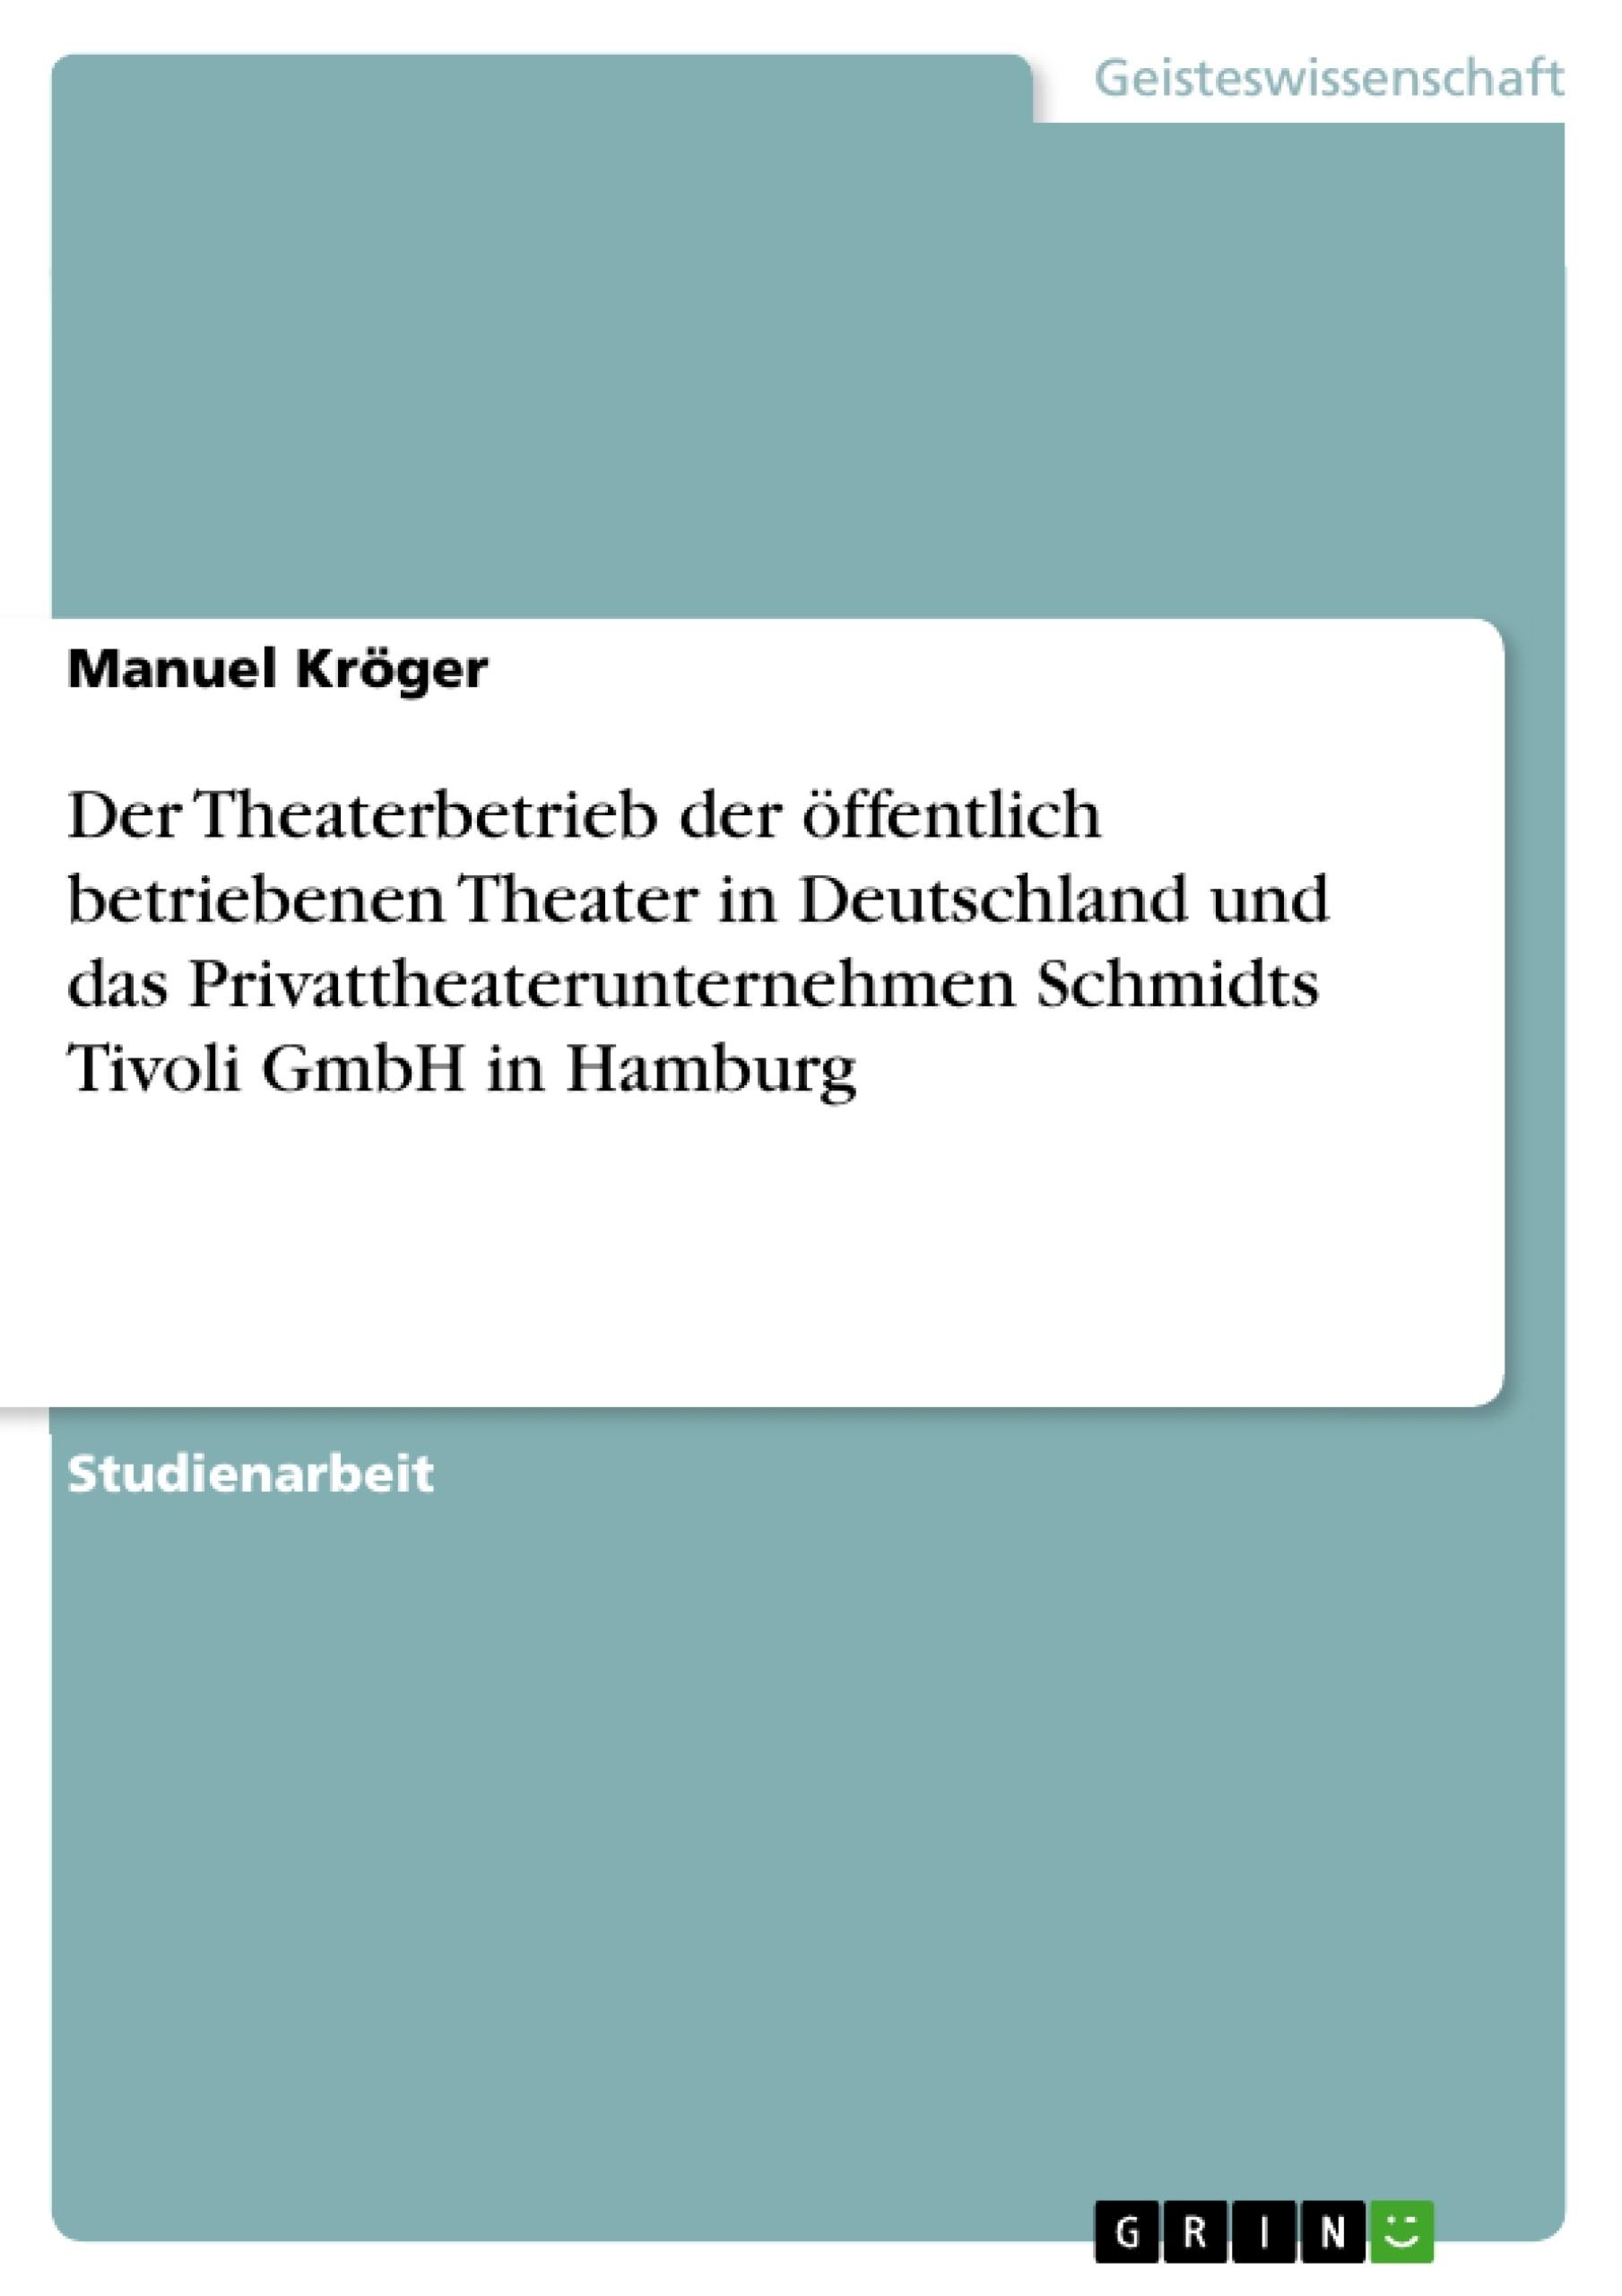 Titel: Der Theaterbetrieb der öffentlich betriebenen Theater in Deutschland und das Privattheaterunternehmen Schmidts Tivoli GmbH in Hamburg